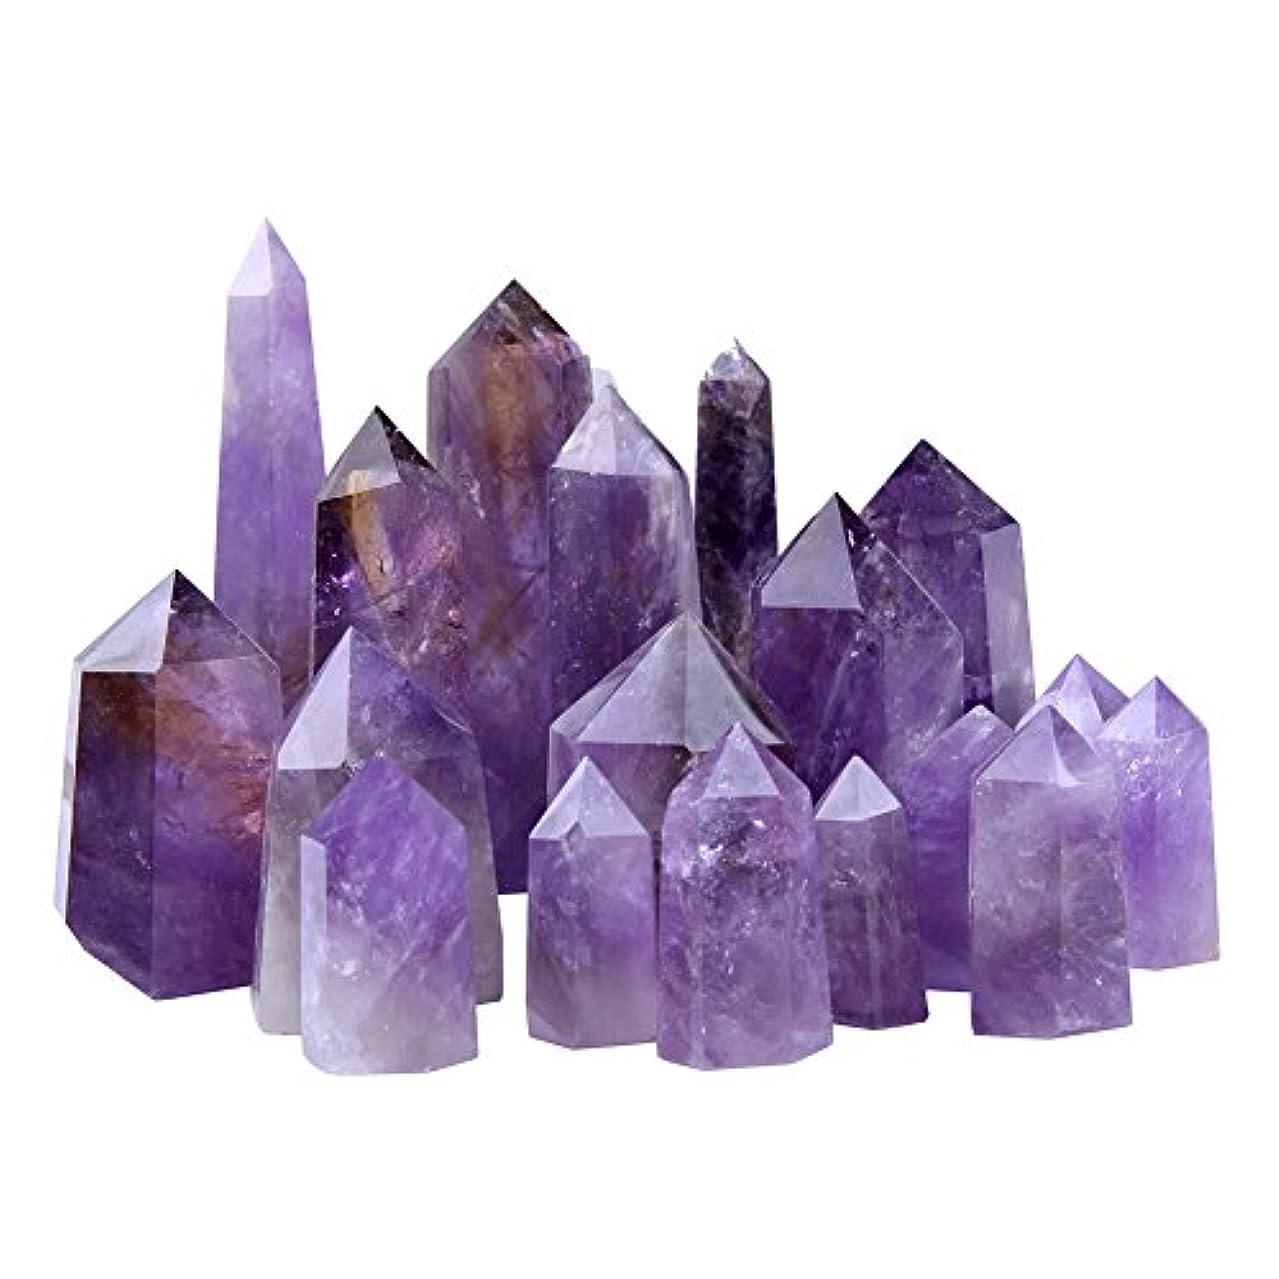 ちょうつがい血統補助(Amethyst 2) - Natural Purple Crystal Point 6 Faceted Amethyst Wand, 0.5kg for Healing, Reiki, Grids, Figurine...